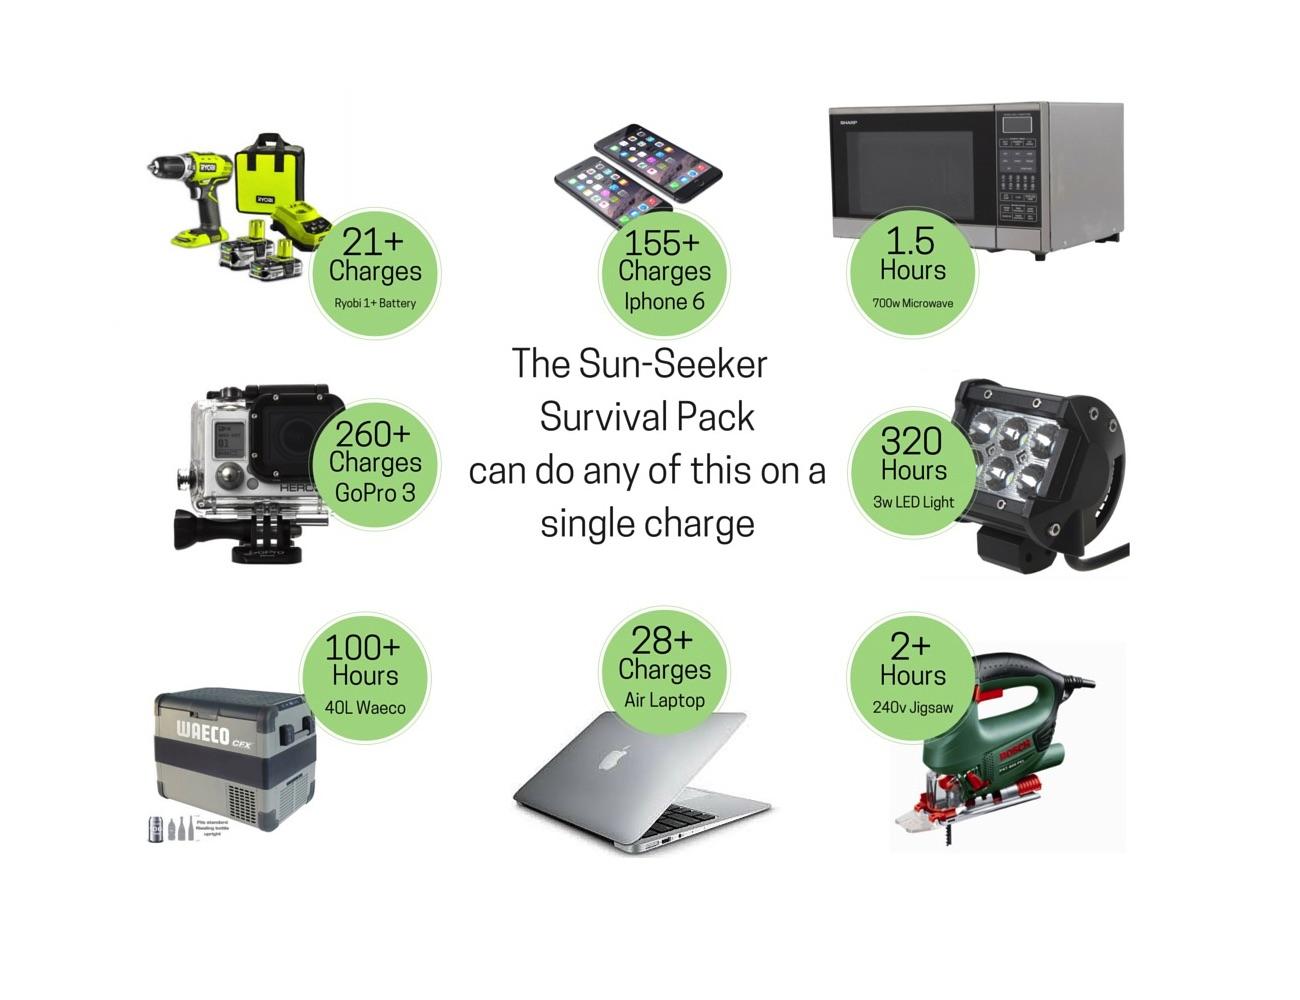 Sun-Seeker Solar Generators